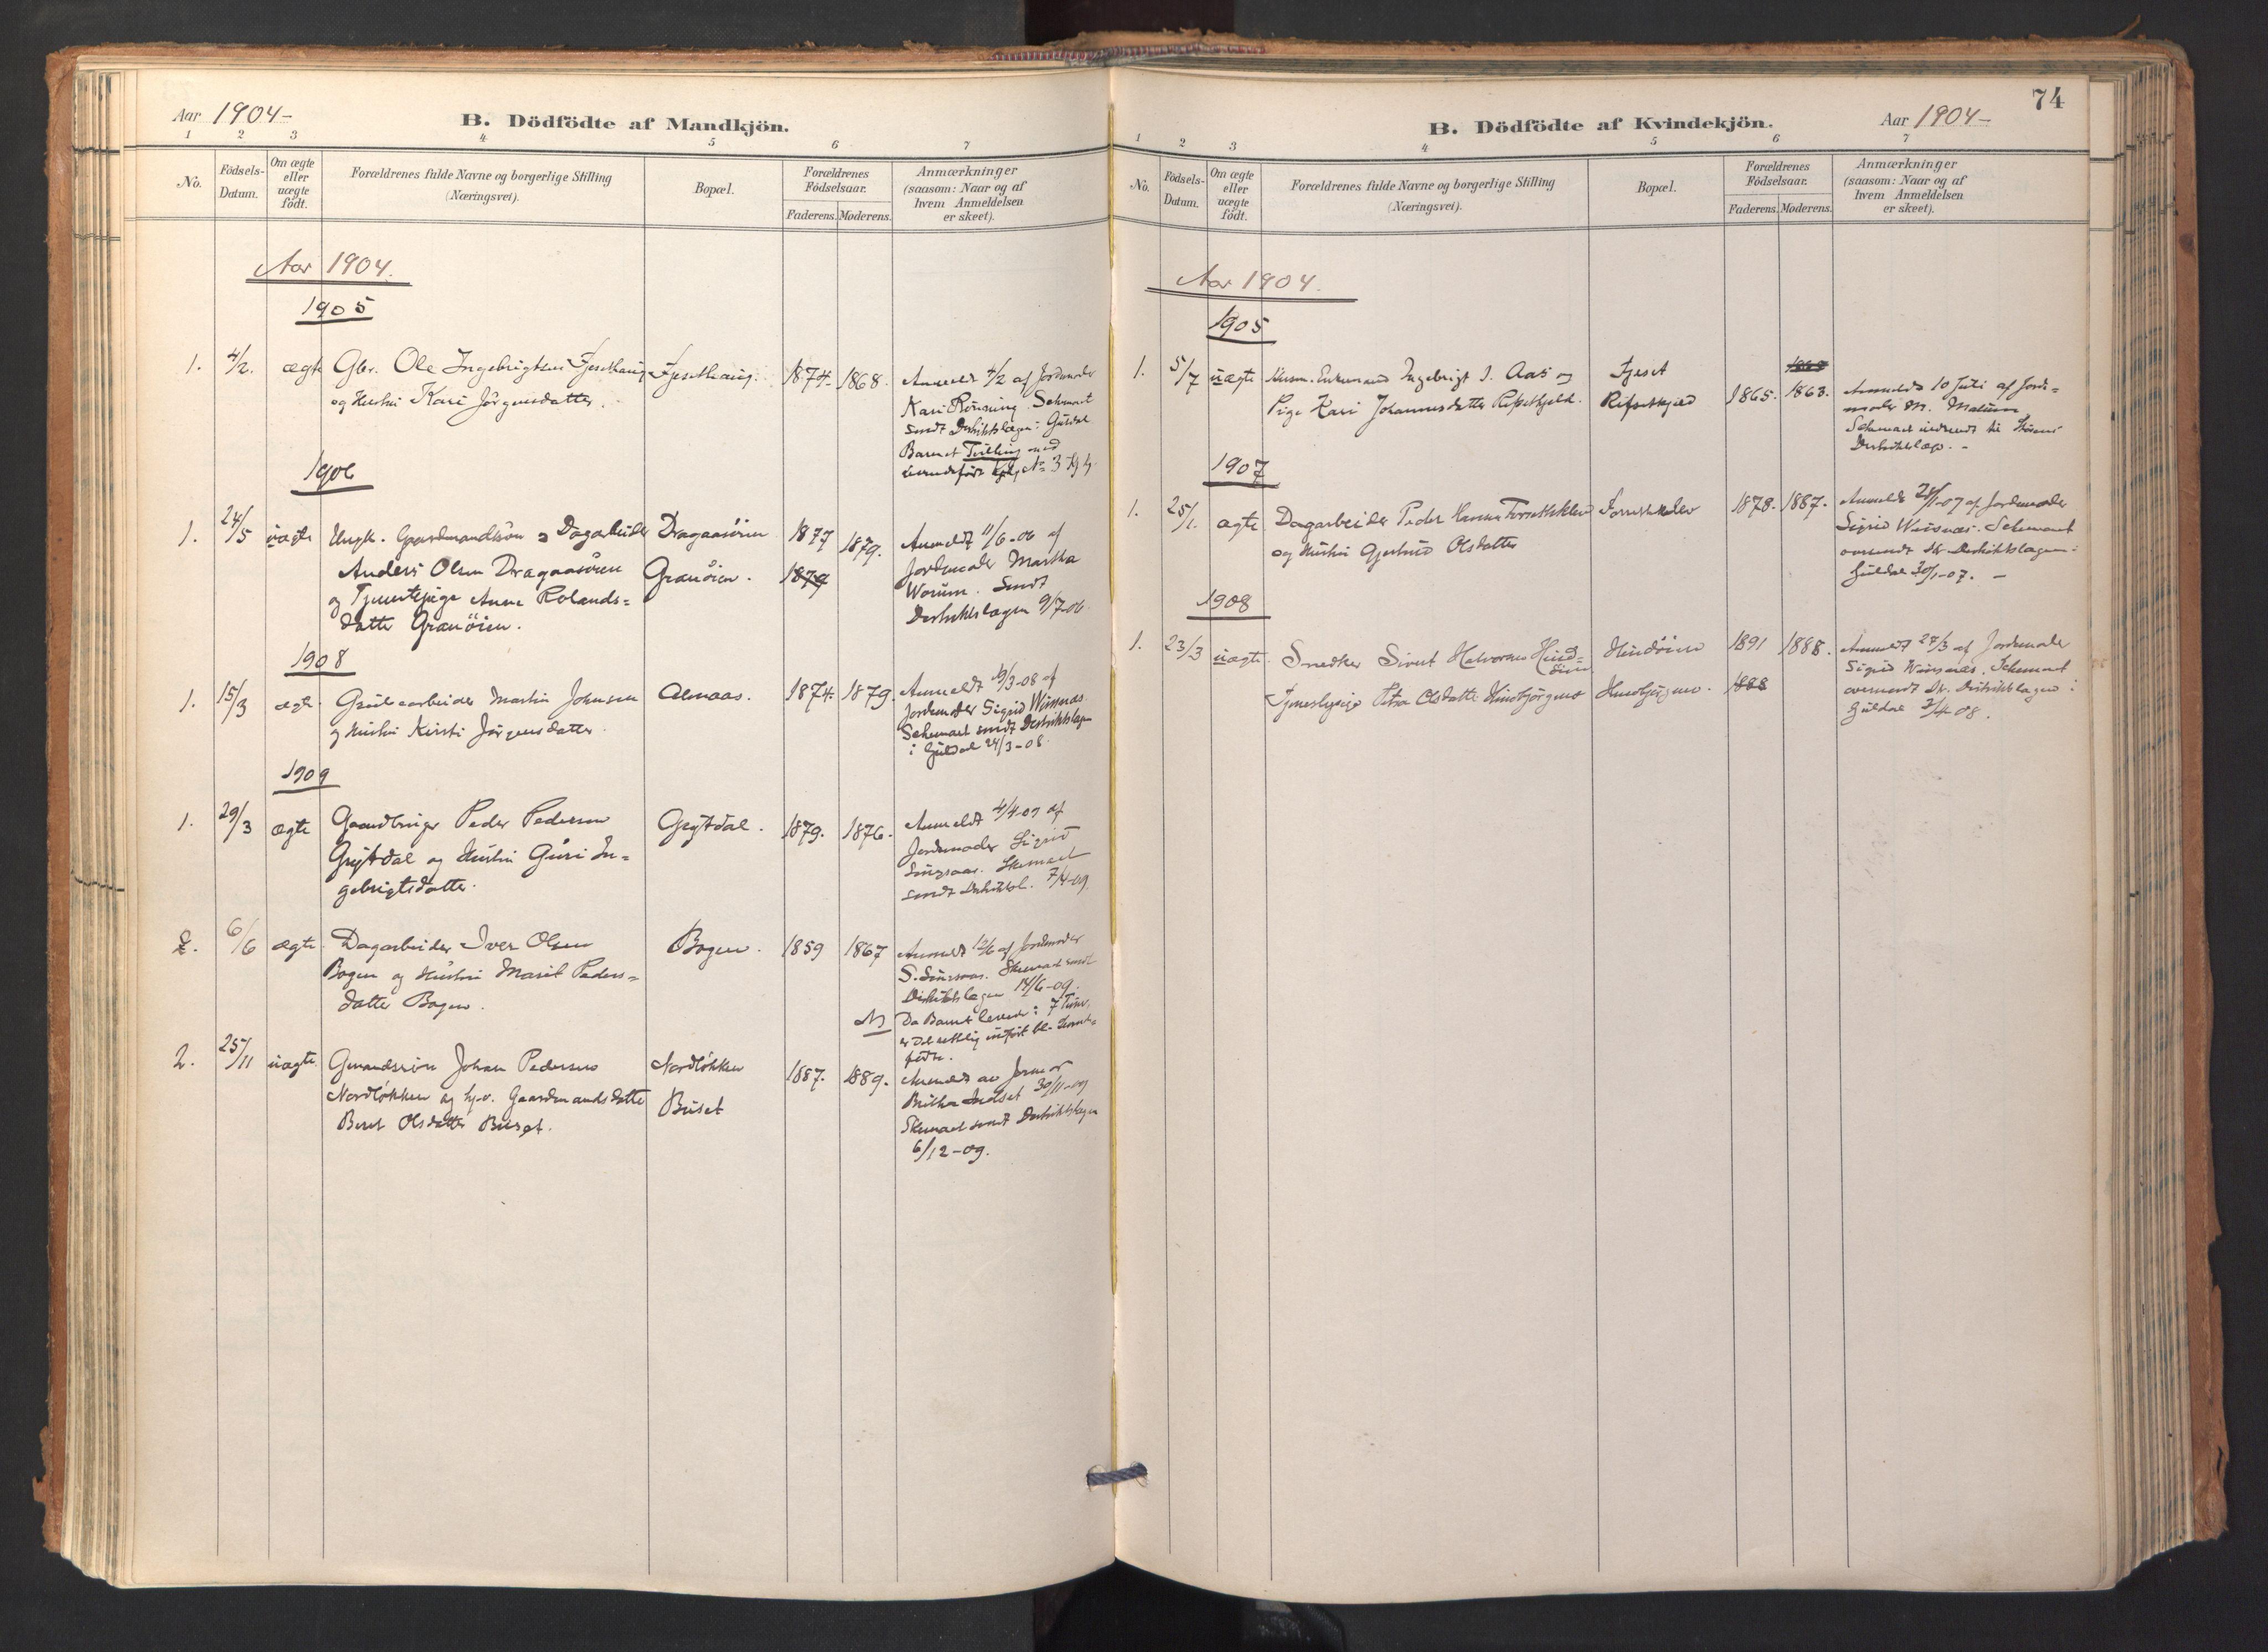 SAT, Ministerialprotokoller, klokkerbøker og fødselsregistre - Sør-Trøndelag, 688/L1025: Ministerialbok nr. 688A02, 1891-1909, s. 74